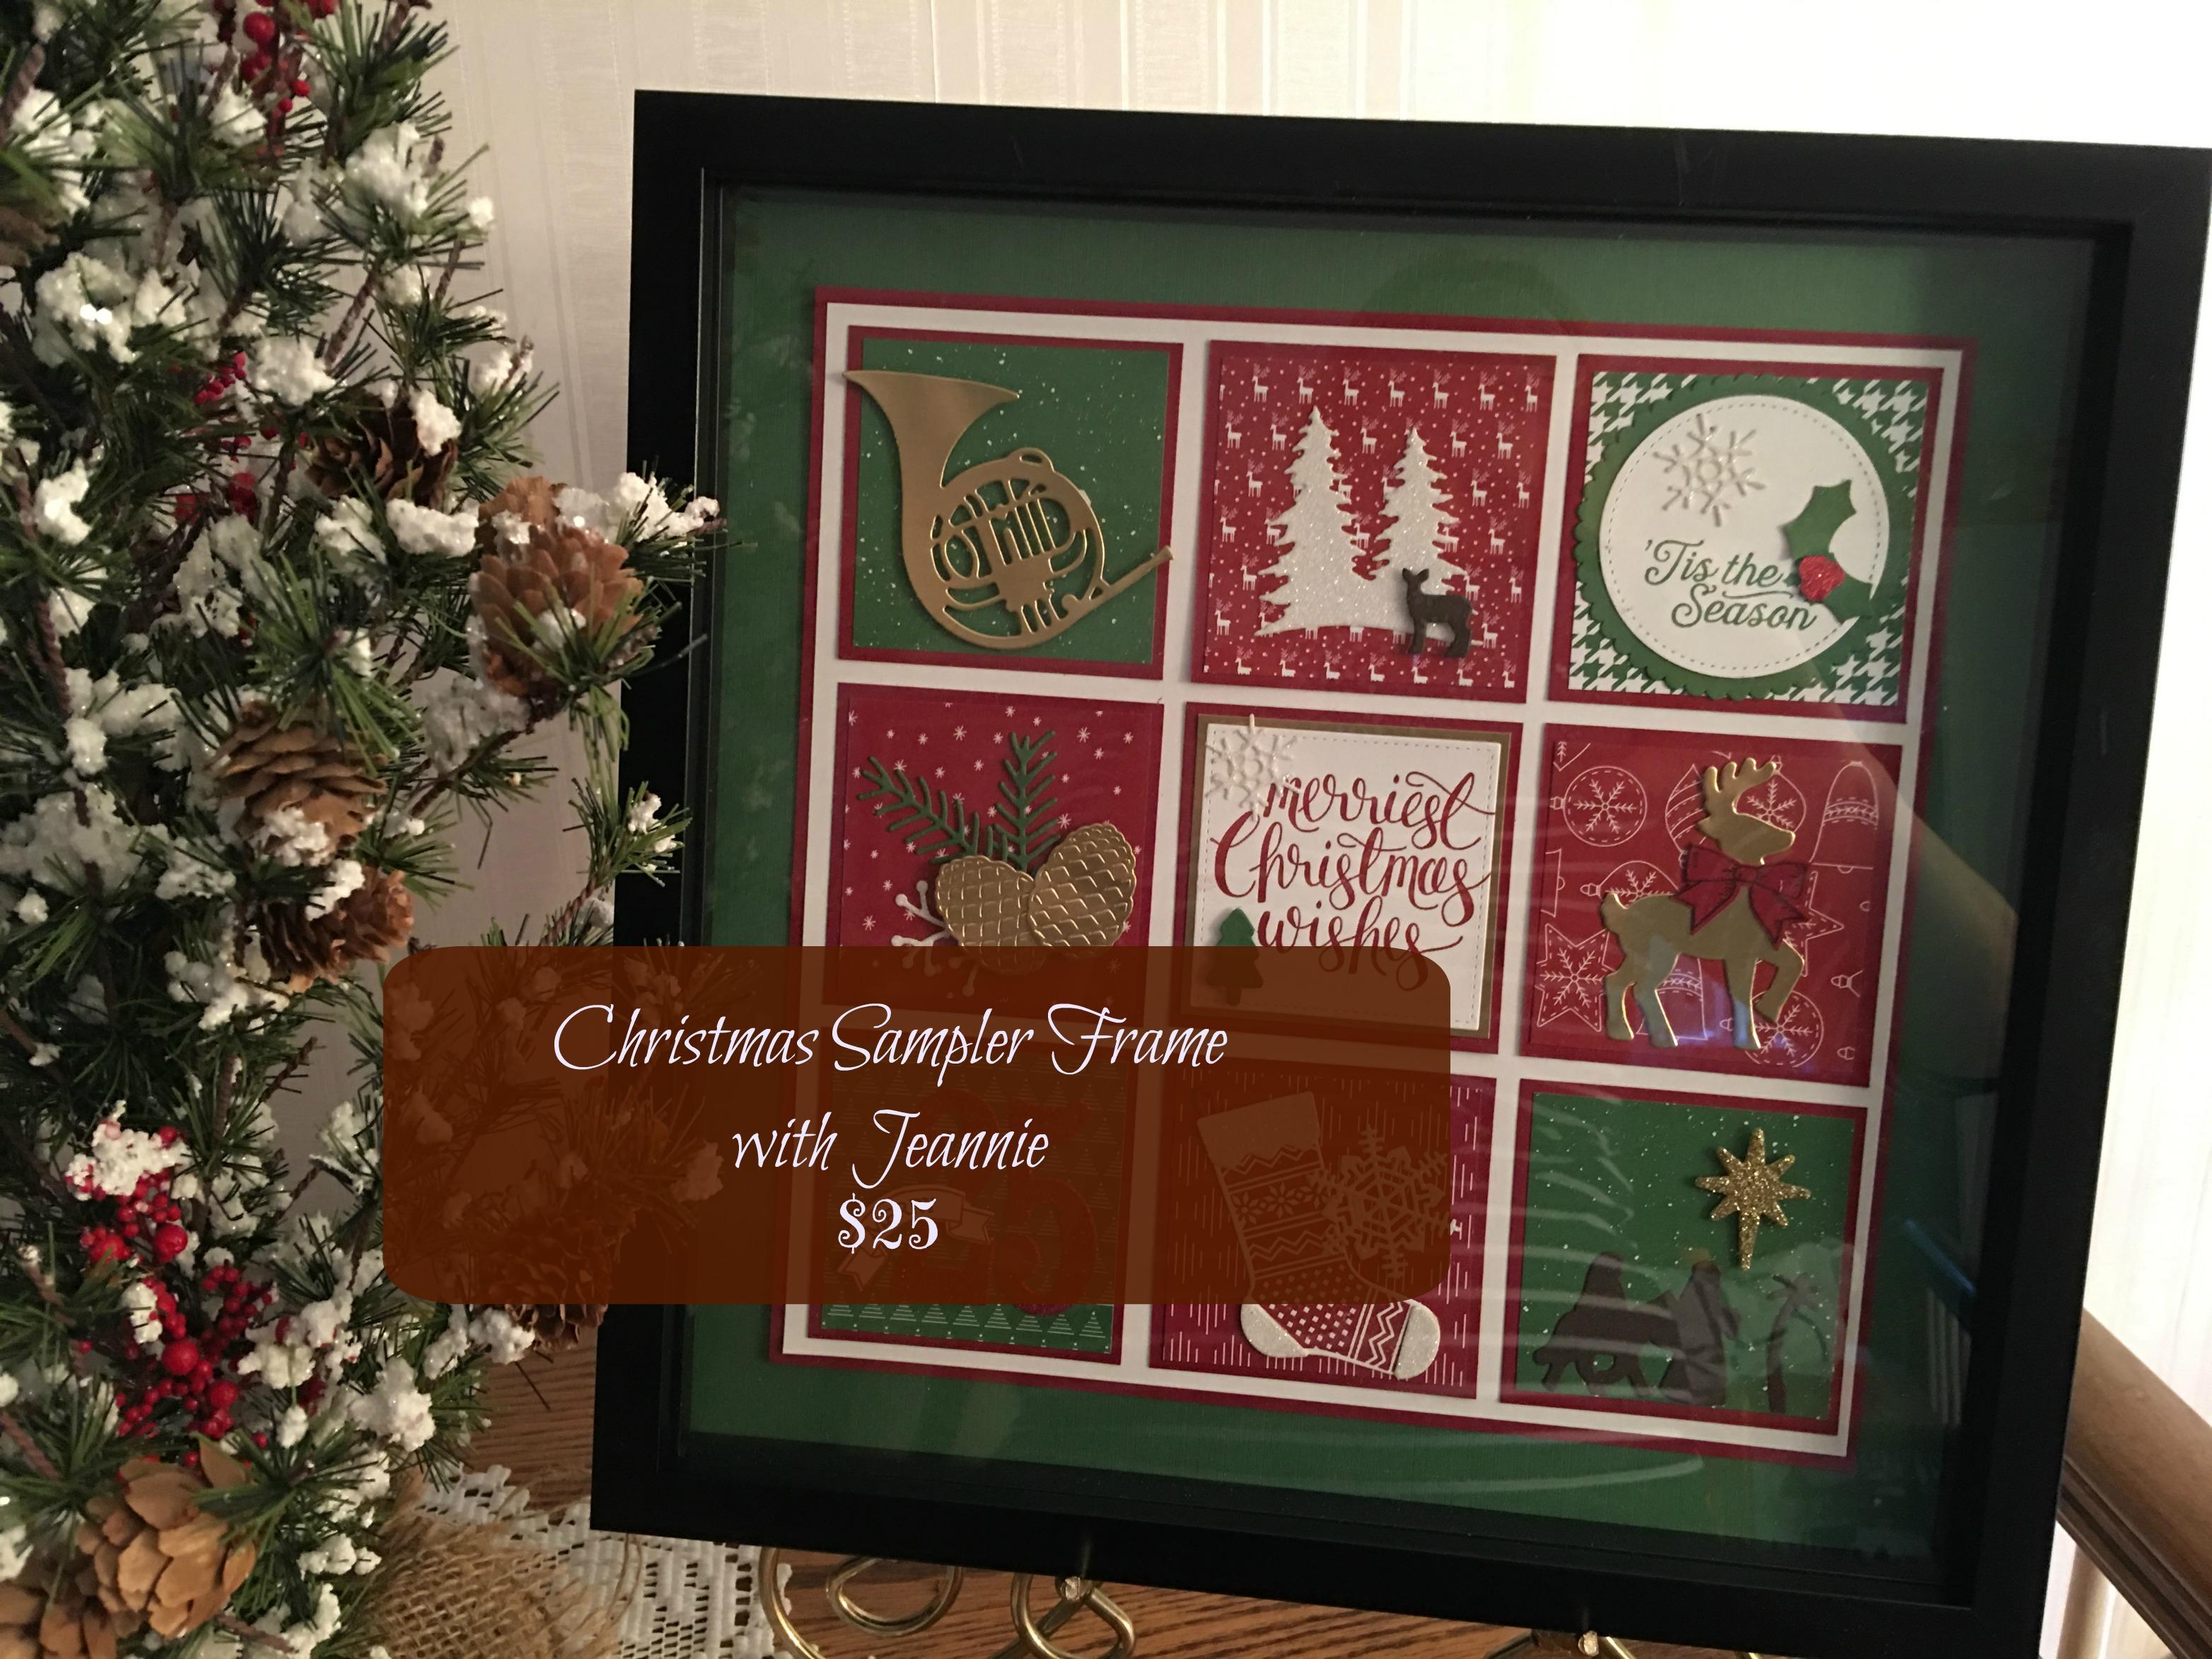 JVN Christmas frame ad